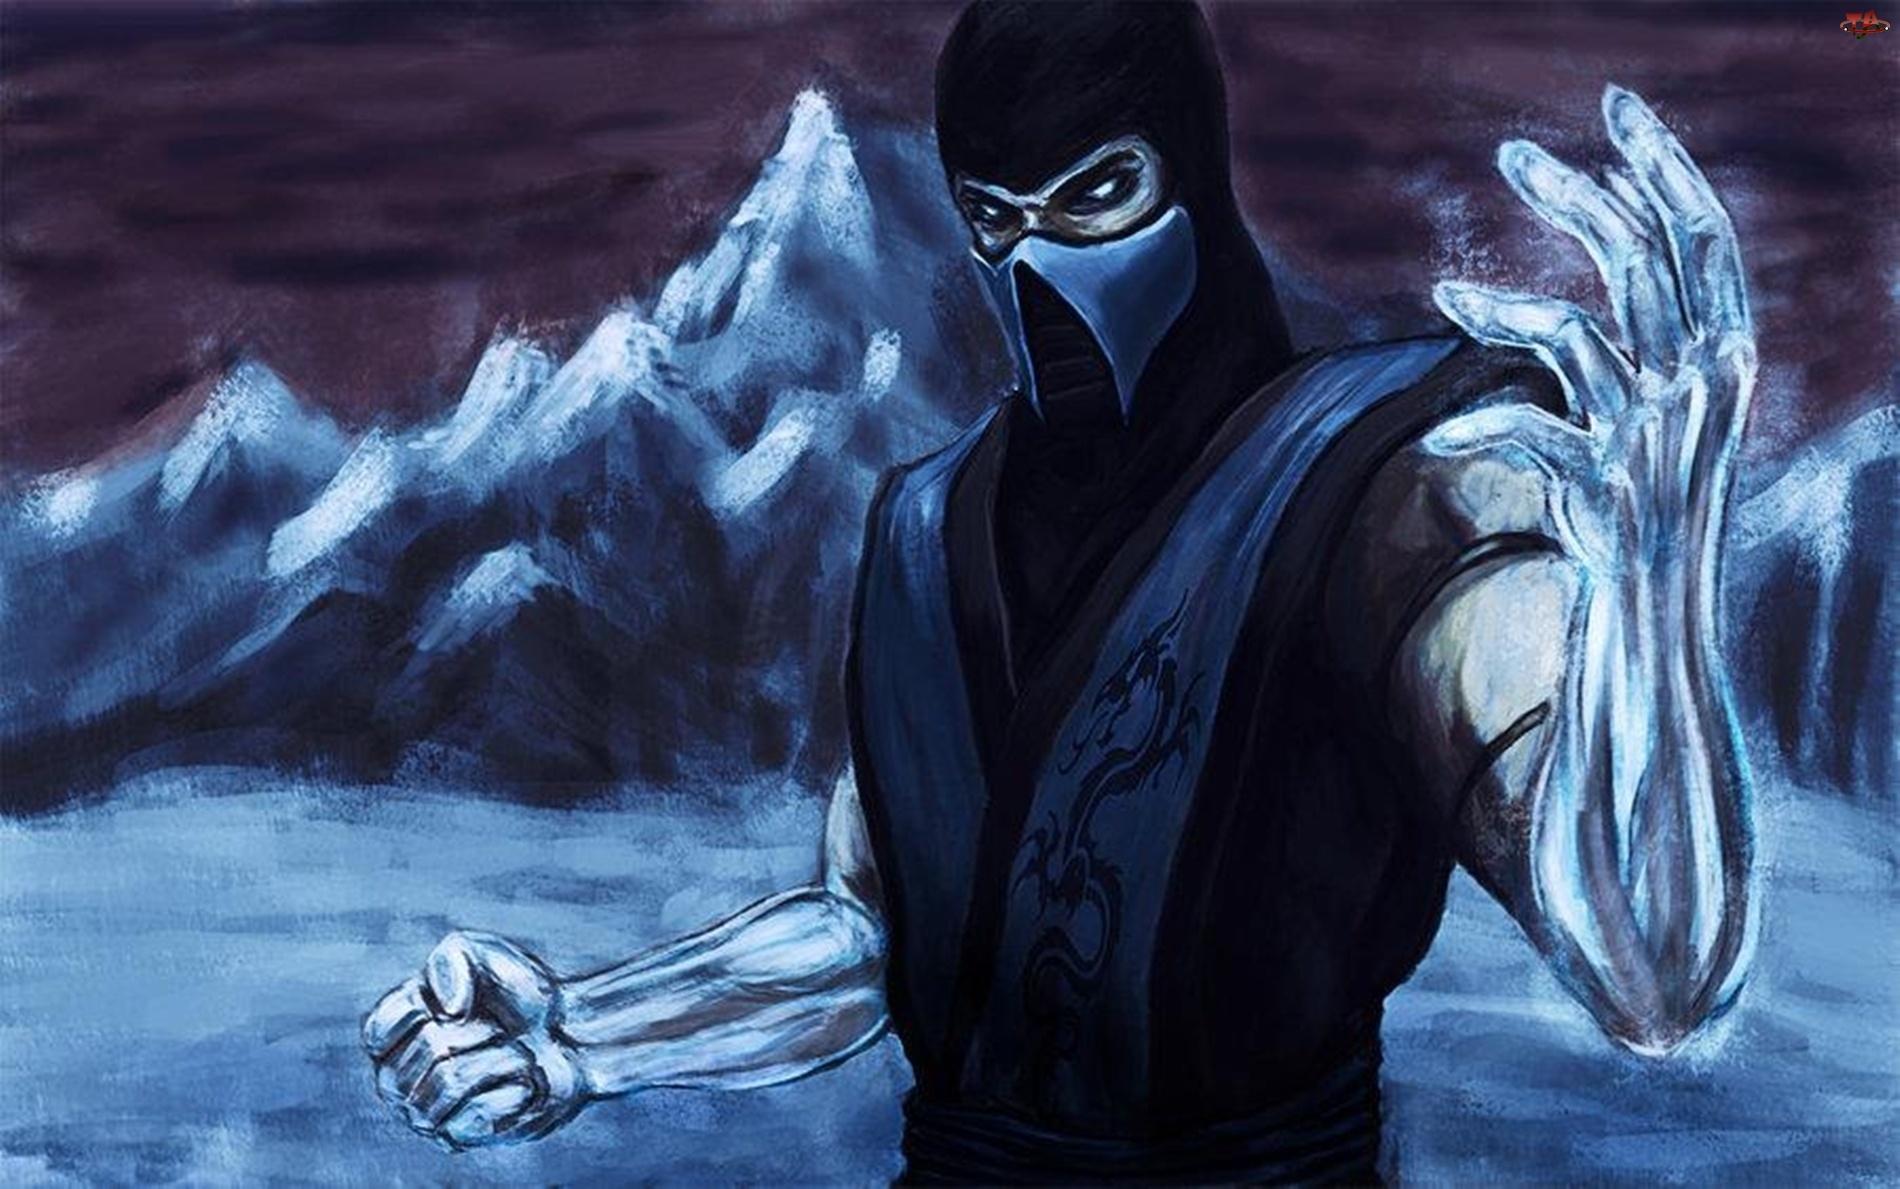 Sub Zero, Mortal Kombat